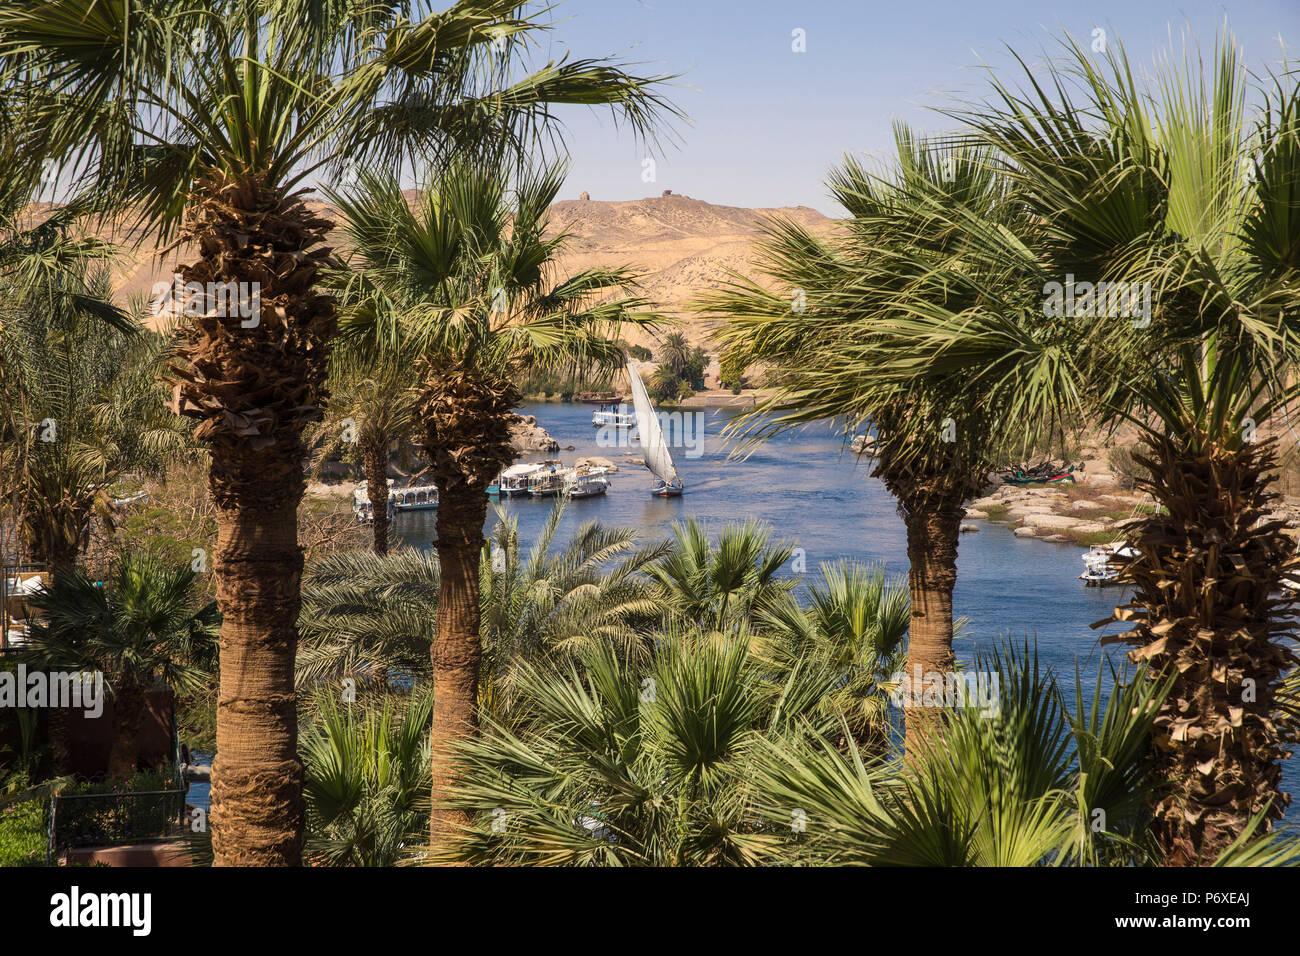 Egypt Upper Egypt Aswan Gardens At The Sofitel Legend Old